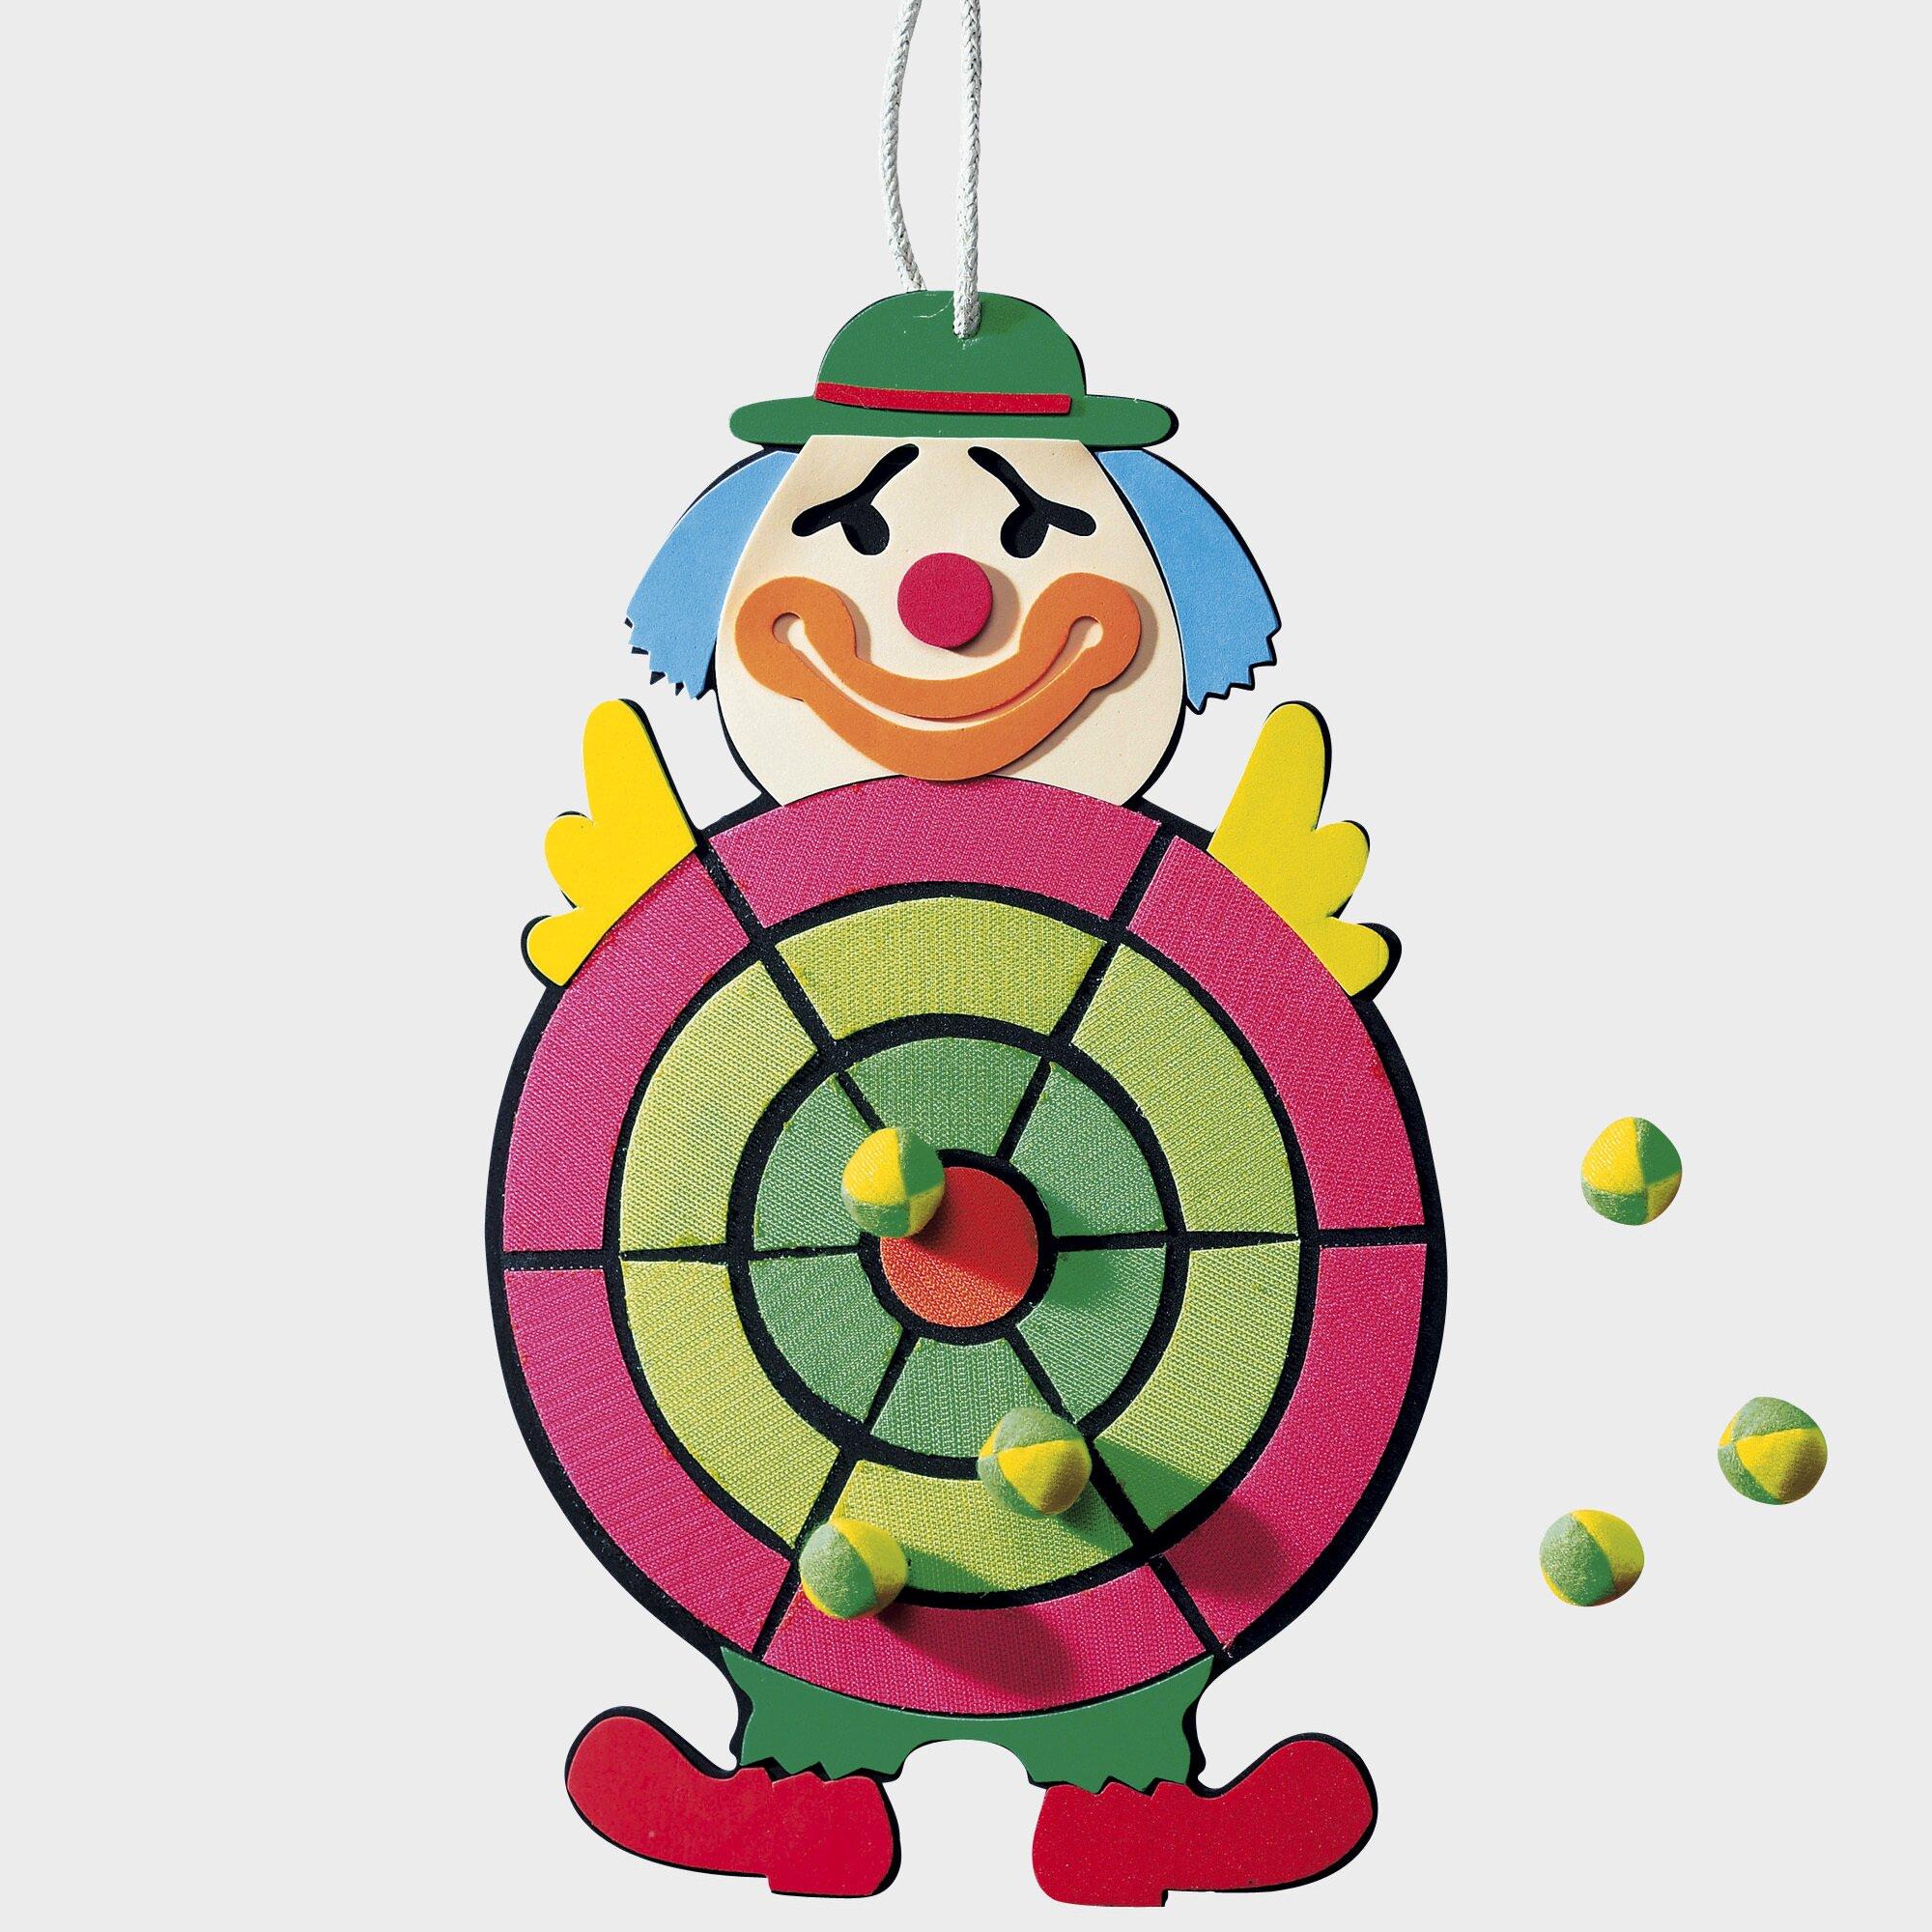 Klettwurfspiel Clown